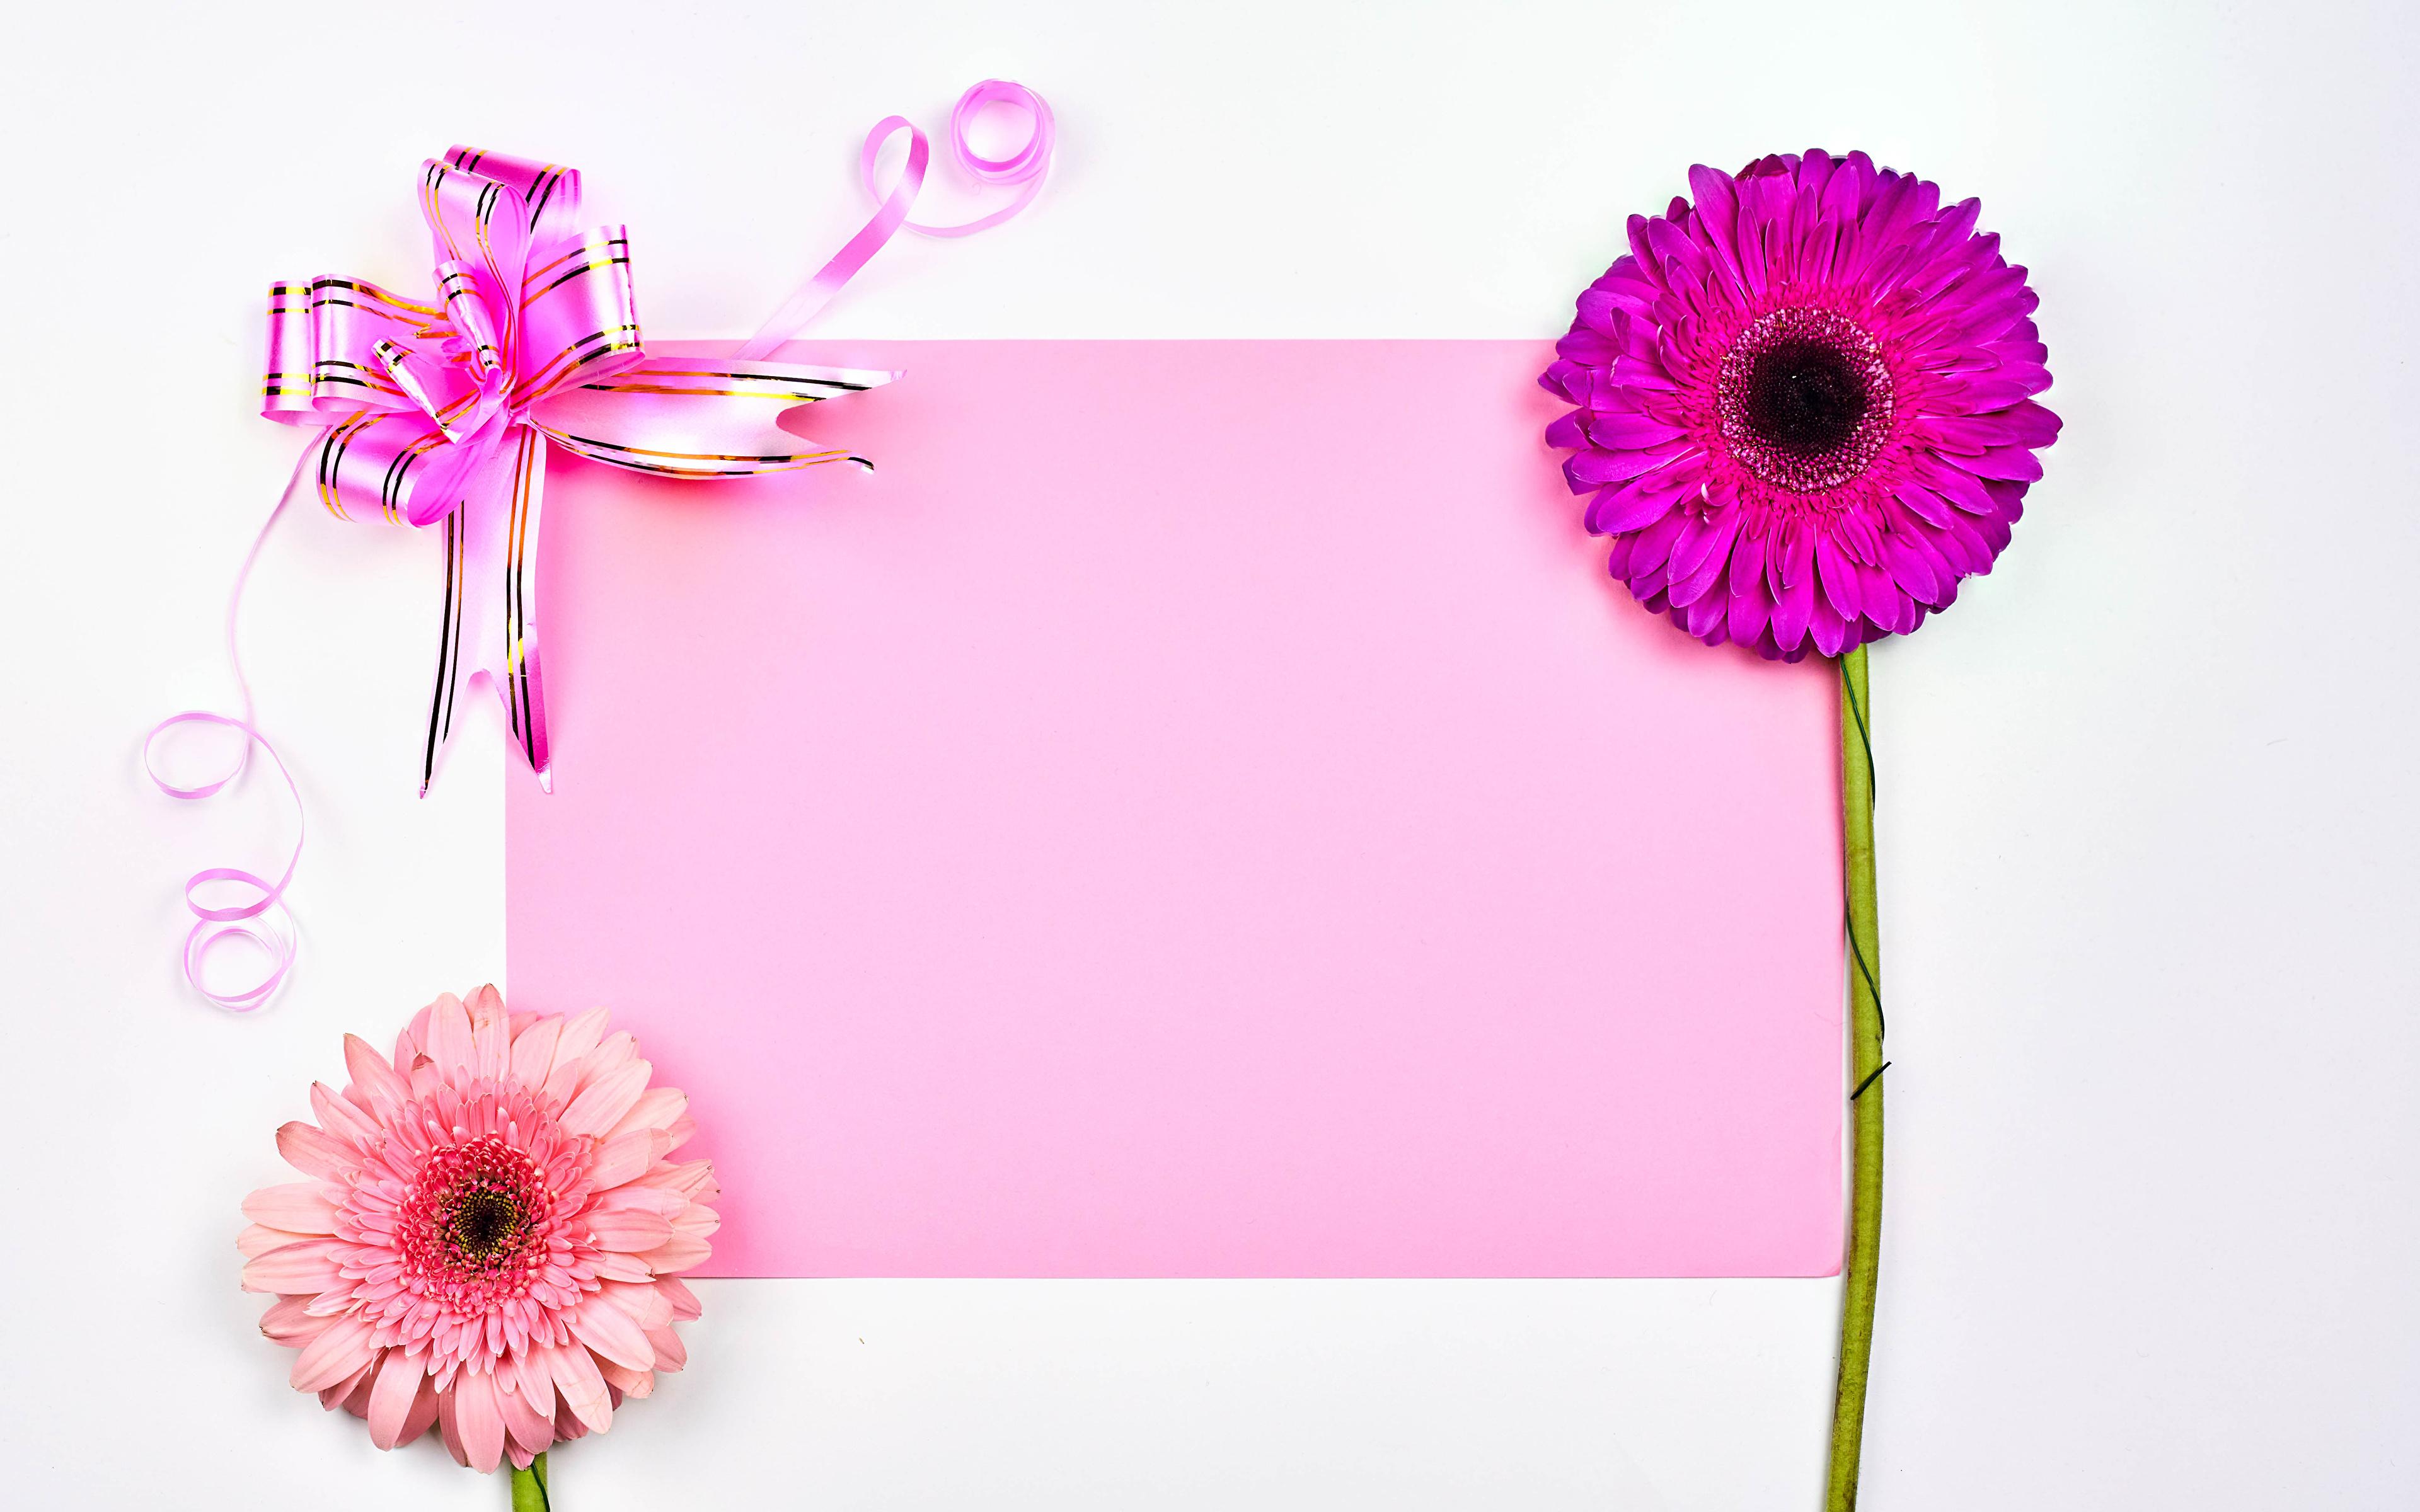 Фотографии День всех влюблённых Лист бумаги Герберы Цветы Бантик Шаблон поздравительной открытки Белый фон 3840x2400 День святого Валентина гербера цветок бант бантики белом фоне белым фоном